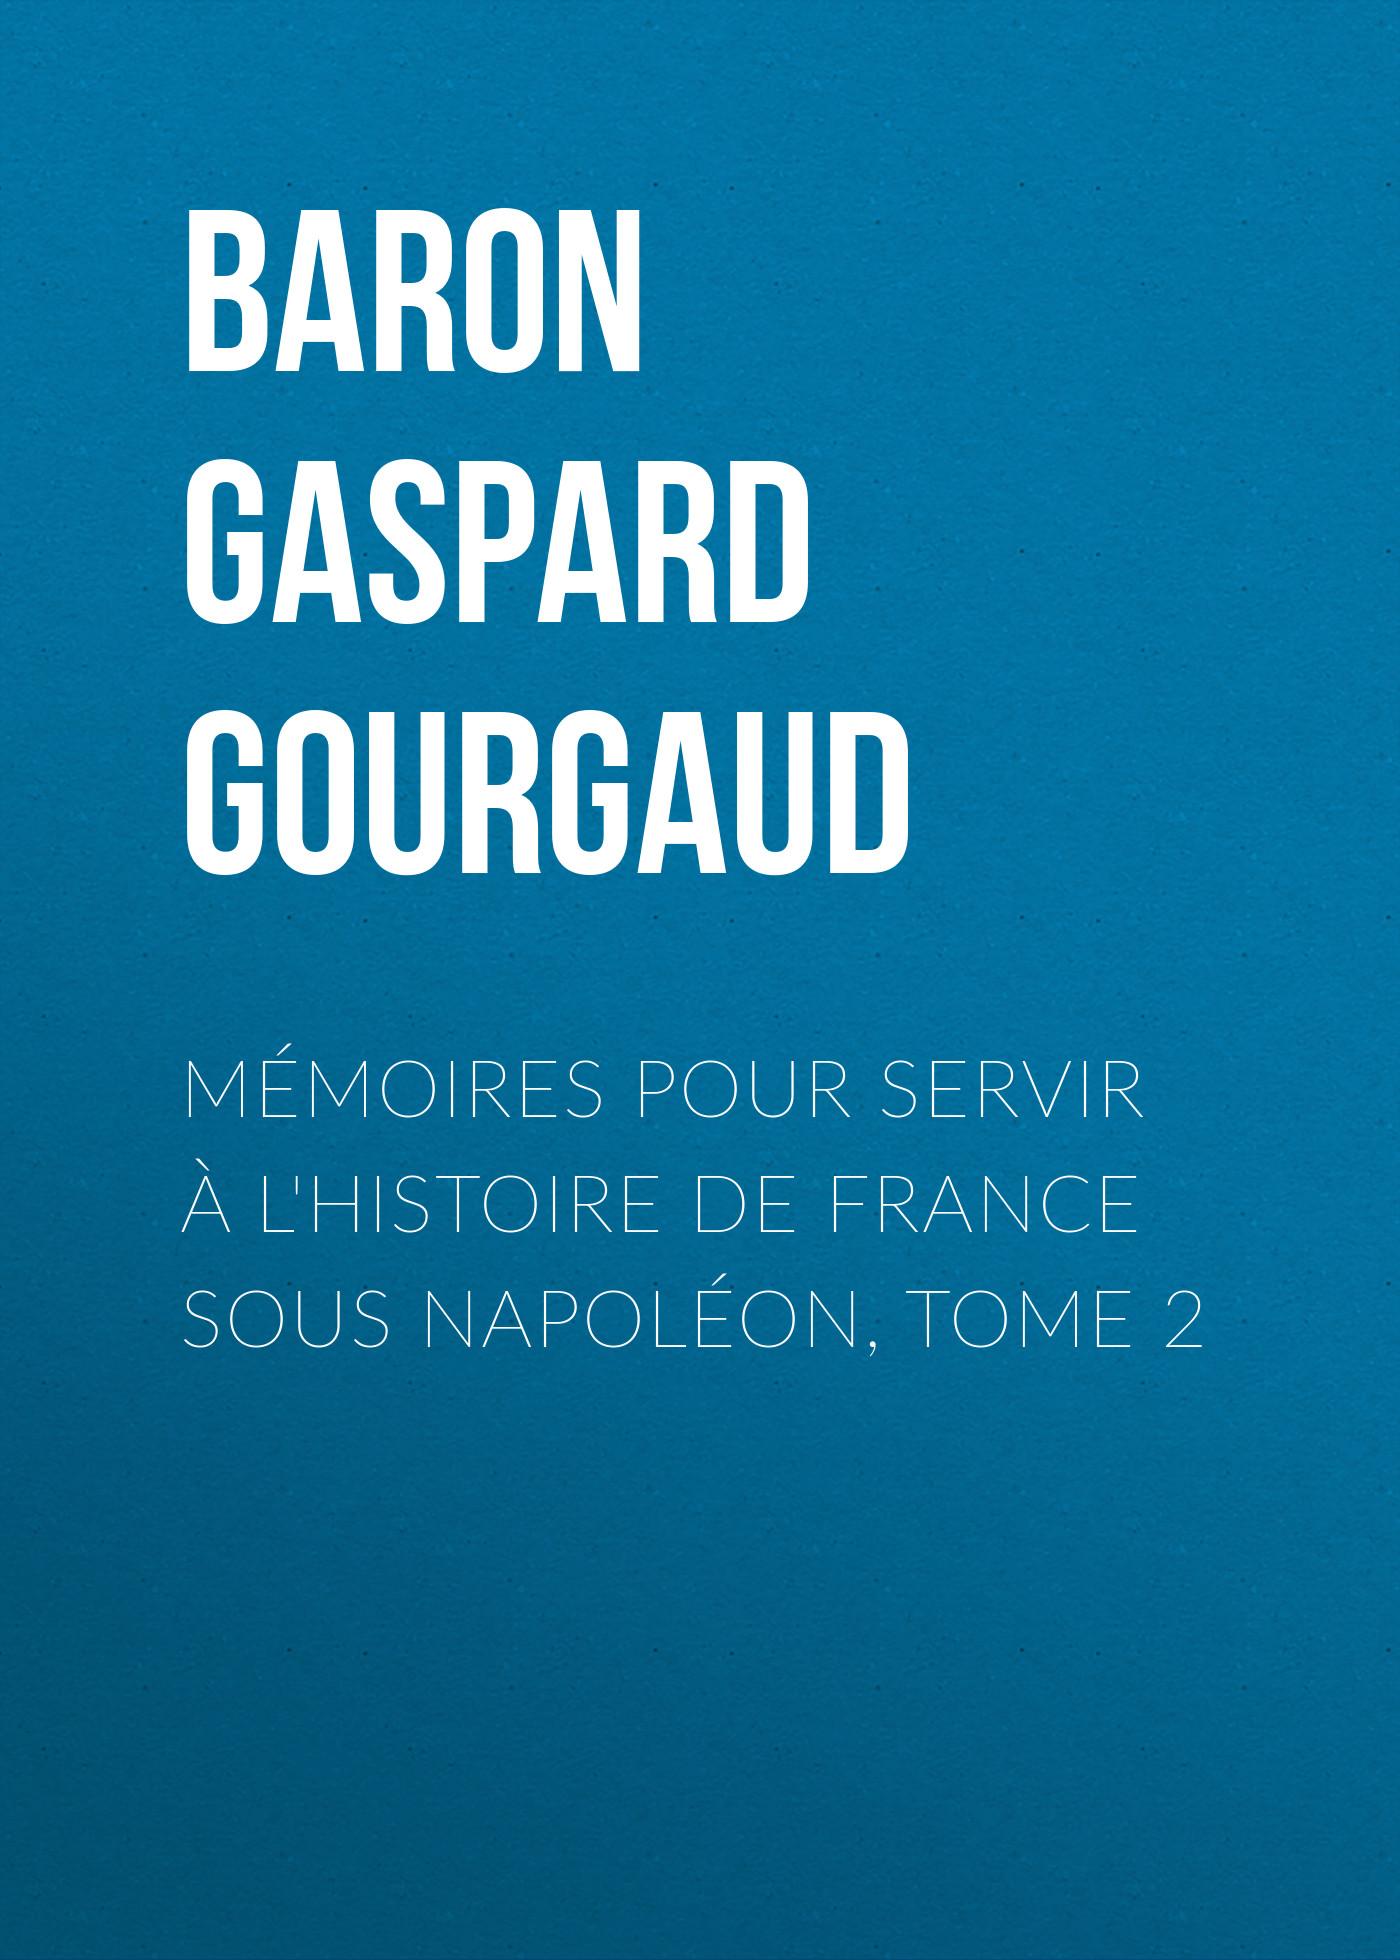 Baron Gaspard Gourgaud Mémoires pour servir à l'Histoire de France sous Napoléon, Tome 2 baron de pierre marie joseph bonnefoux mémoires du baron de bonnefoux capitaine de vaisseau 1782 1855